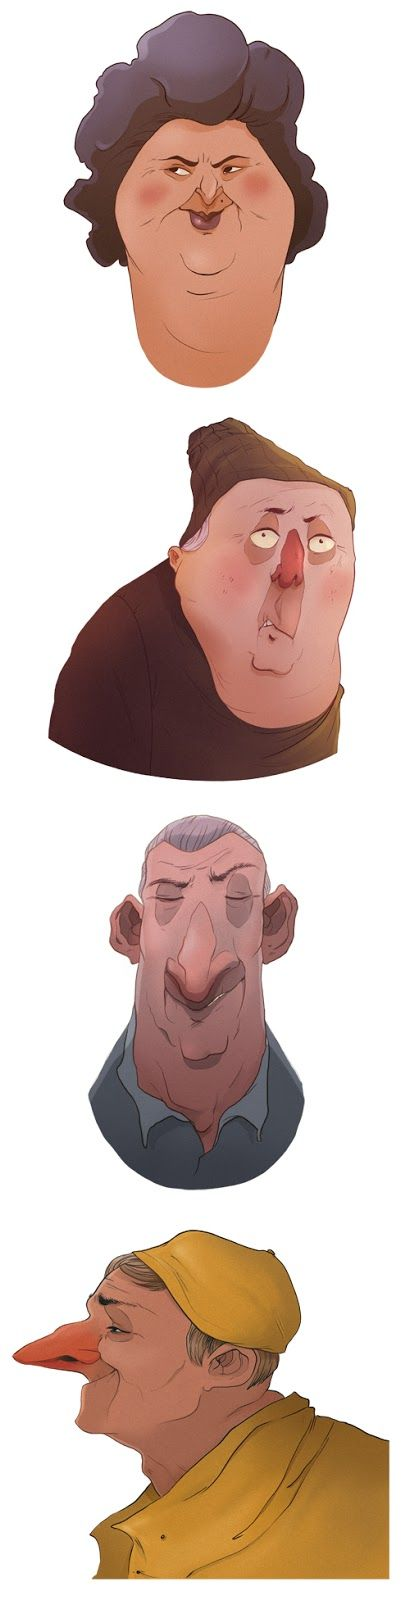 figures de différents caractères